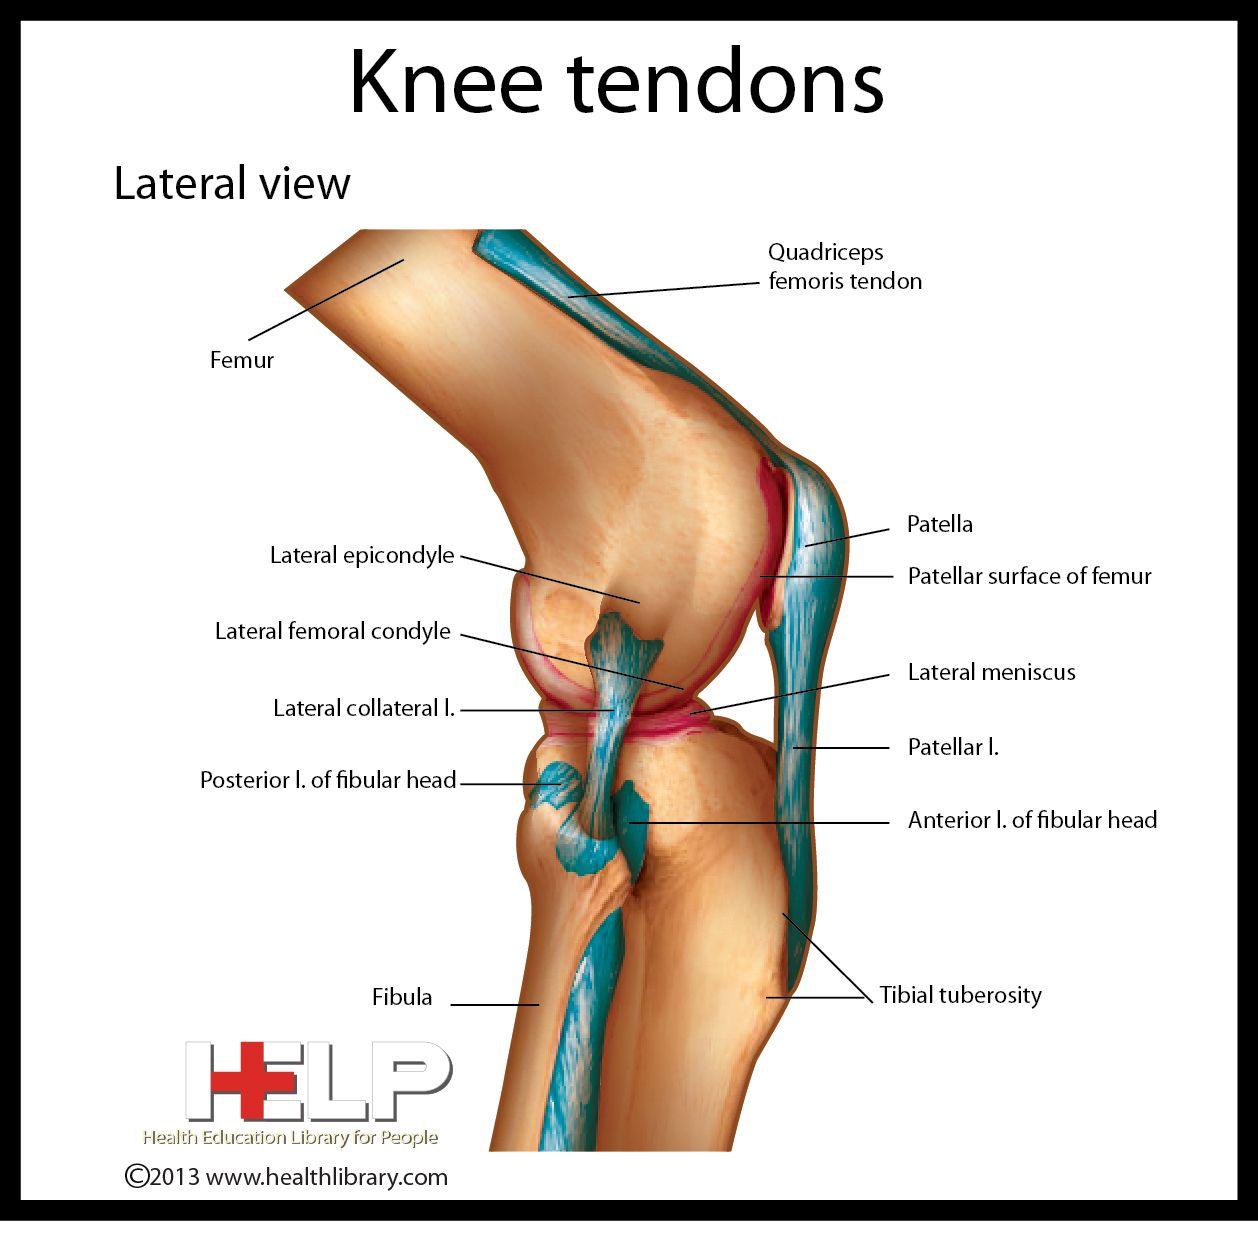 knee tendons skeletal